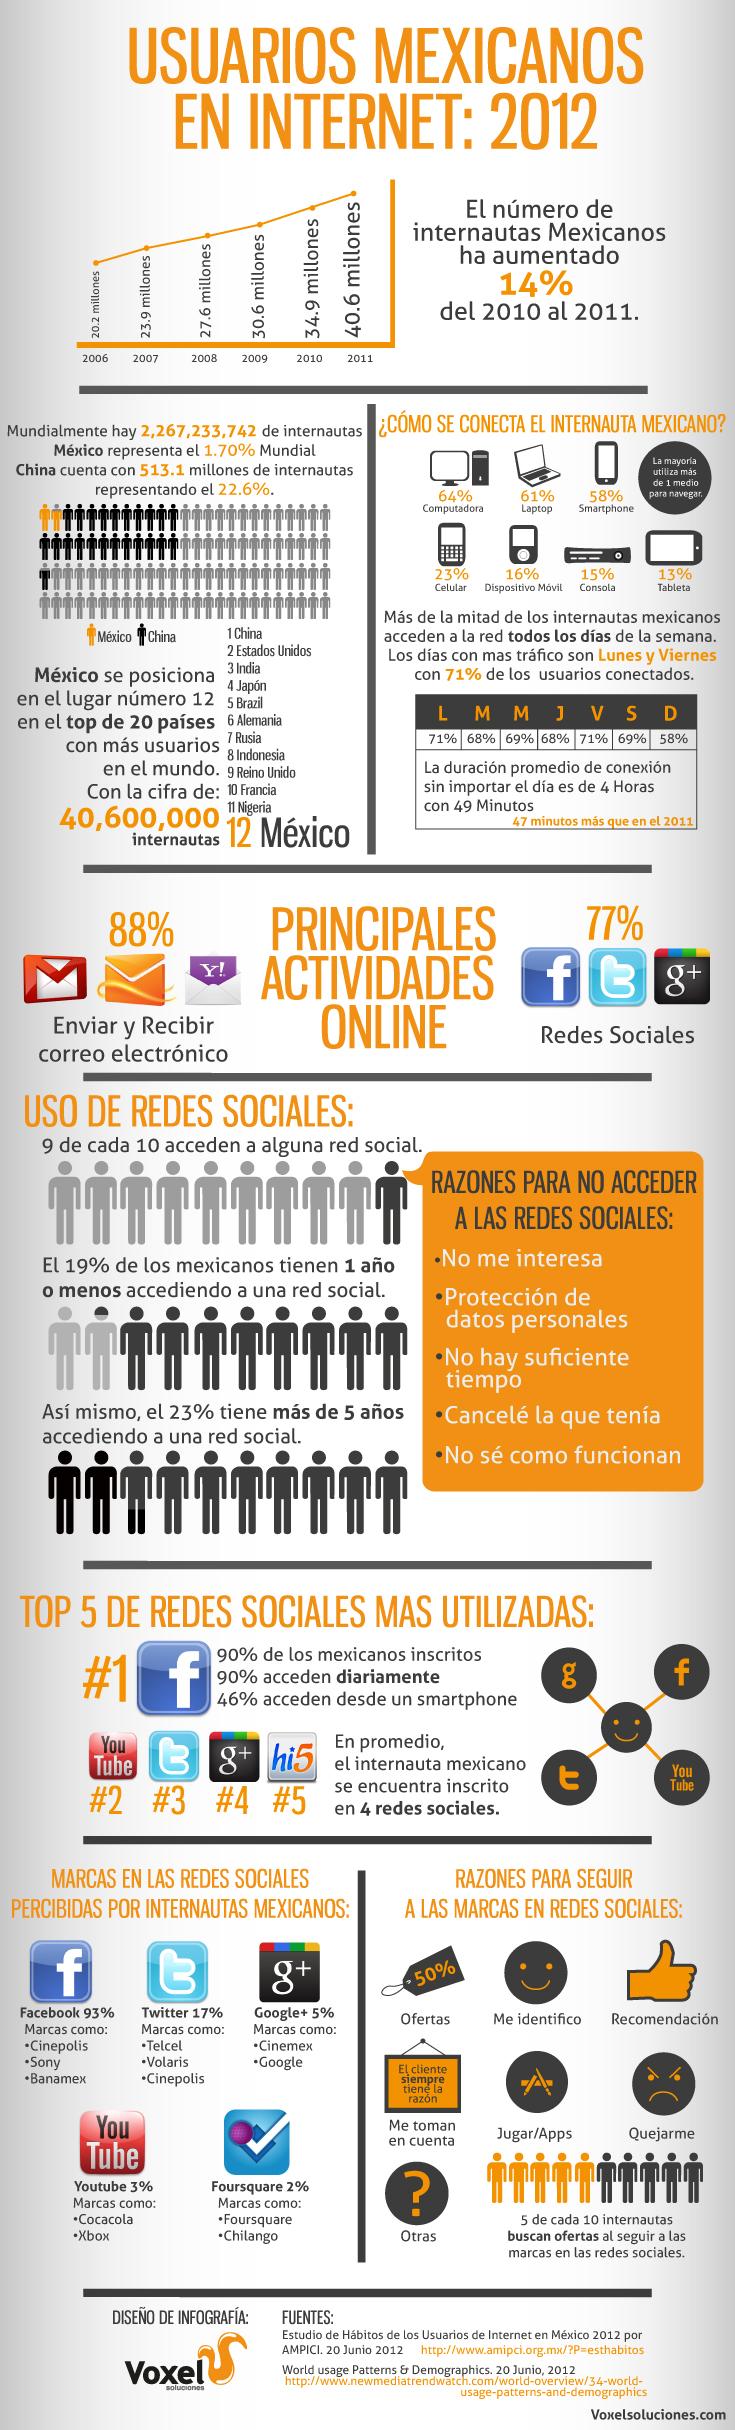 Usuarios Mexicanos en Internet 2012 - Voxel Soluciones